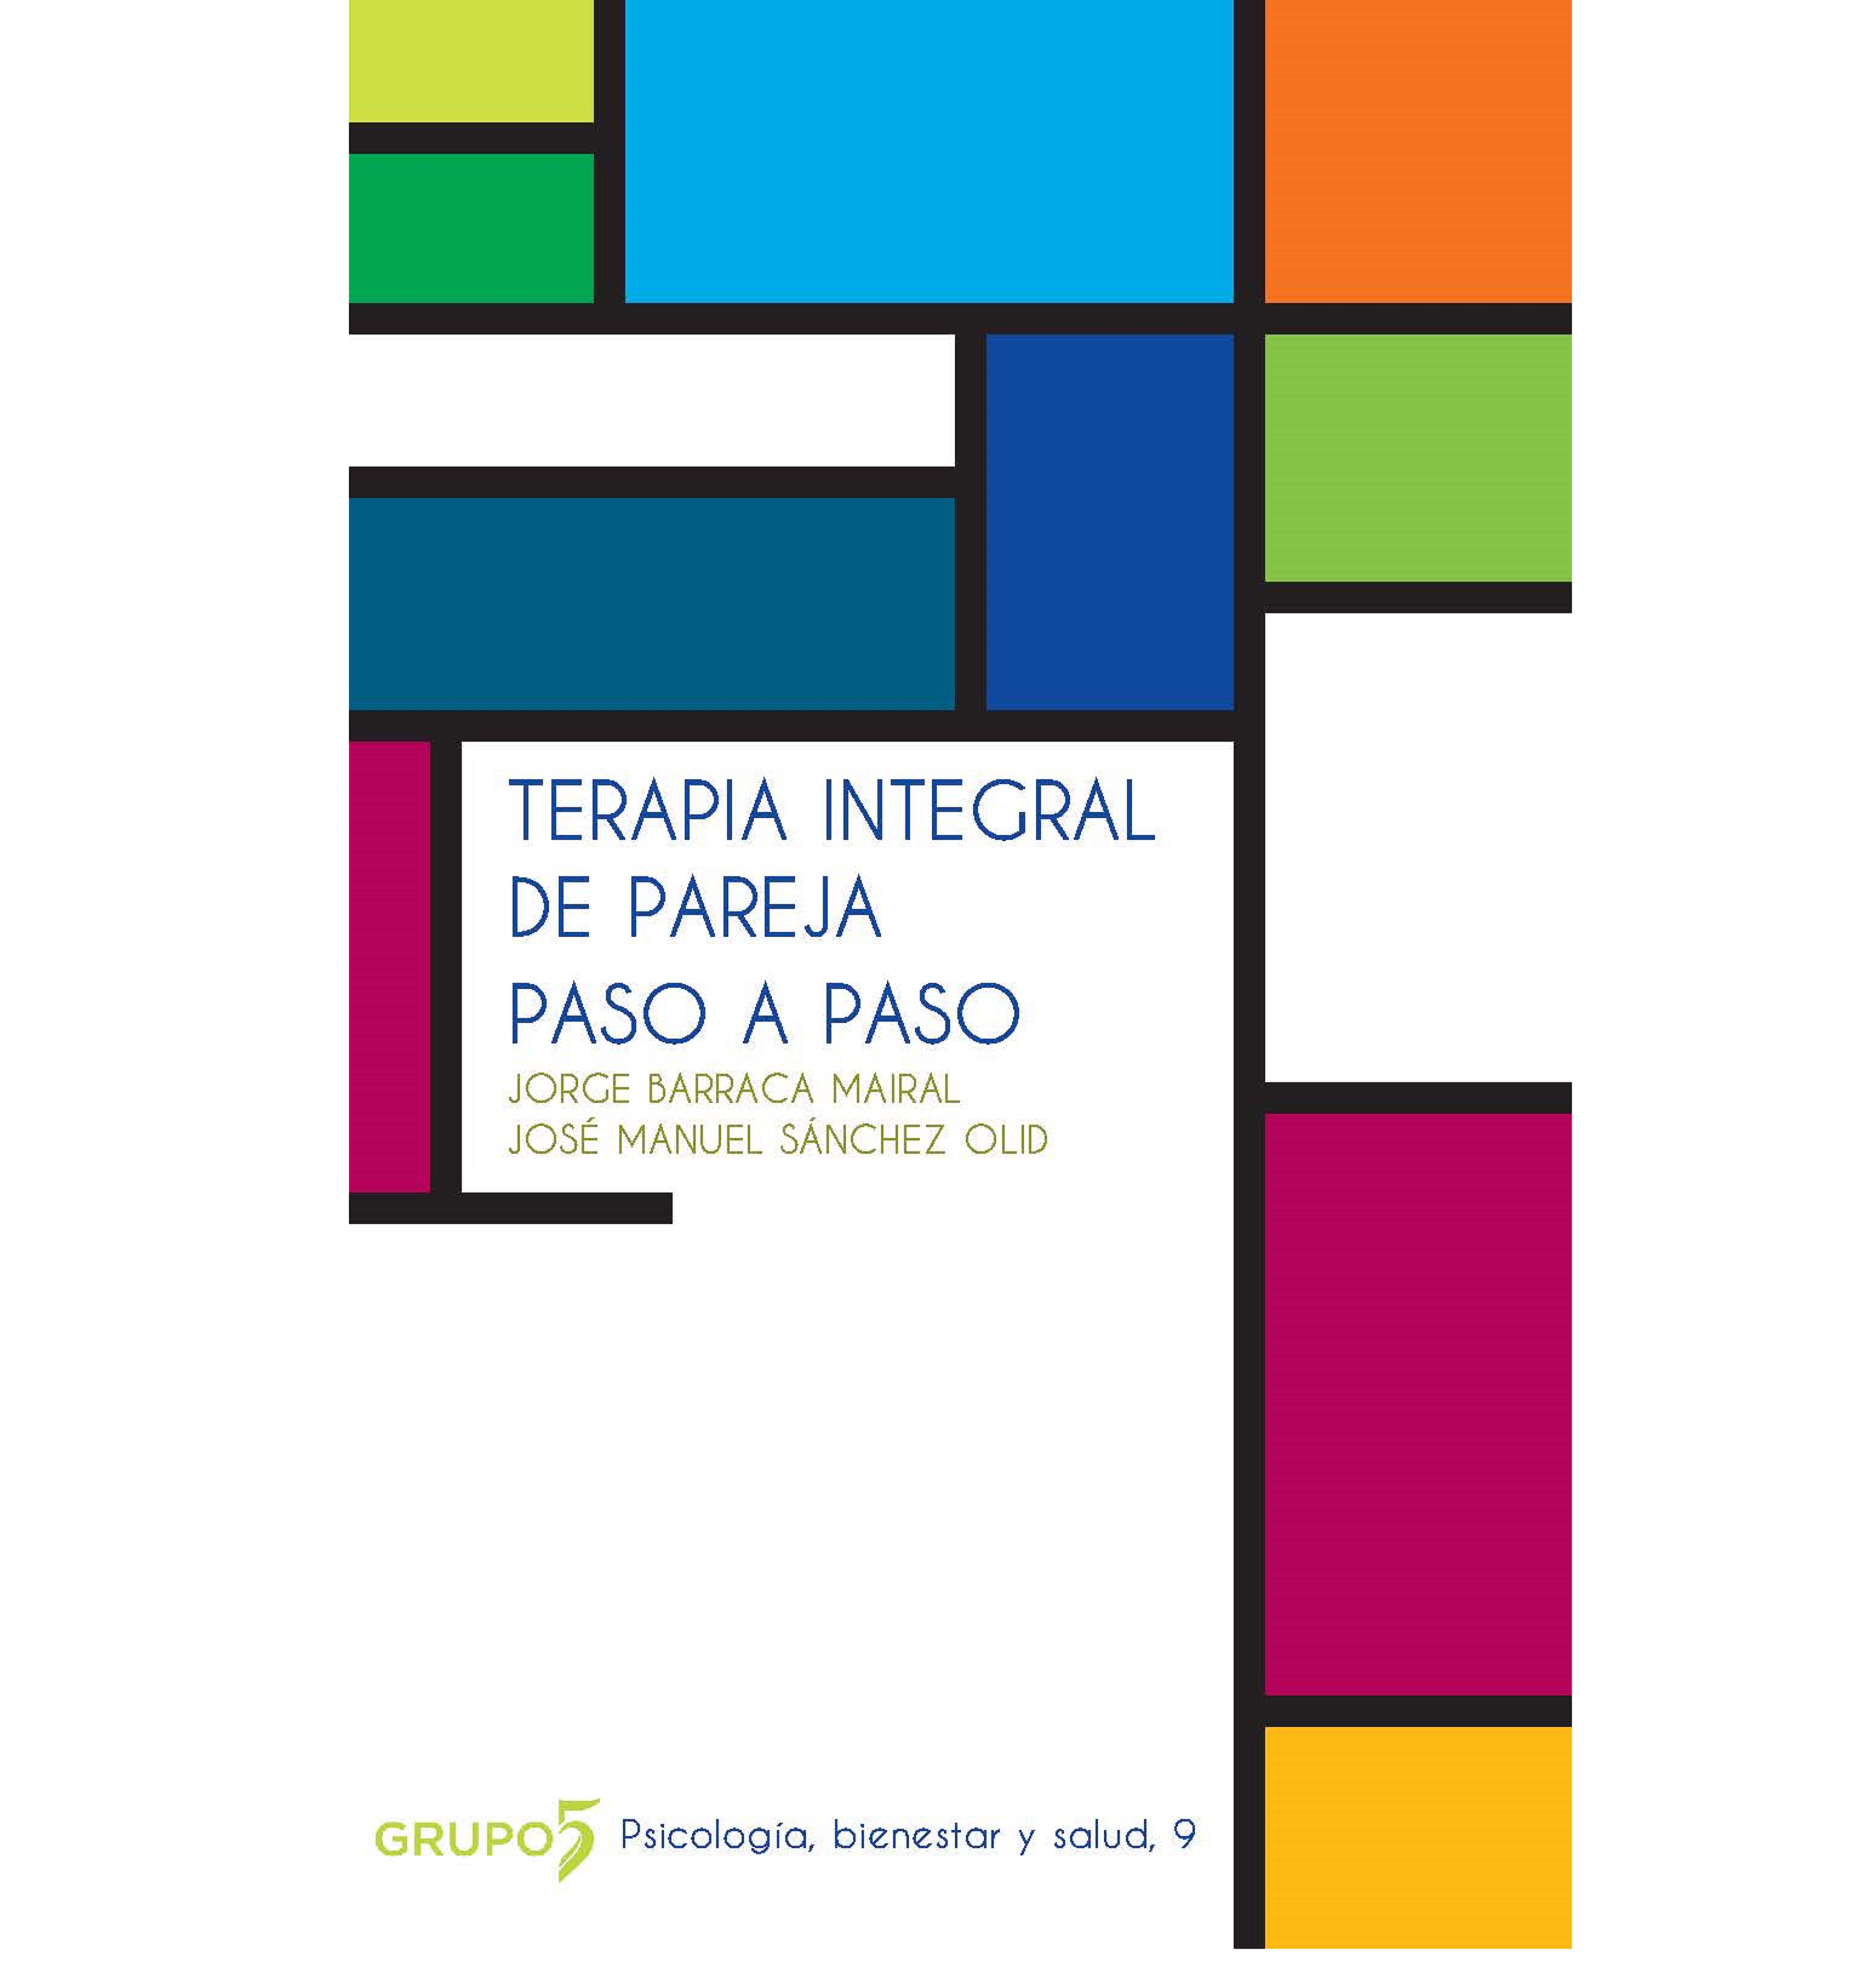 terapia-integral-de-pareja-paso-a-paso-editorial-grupo-5